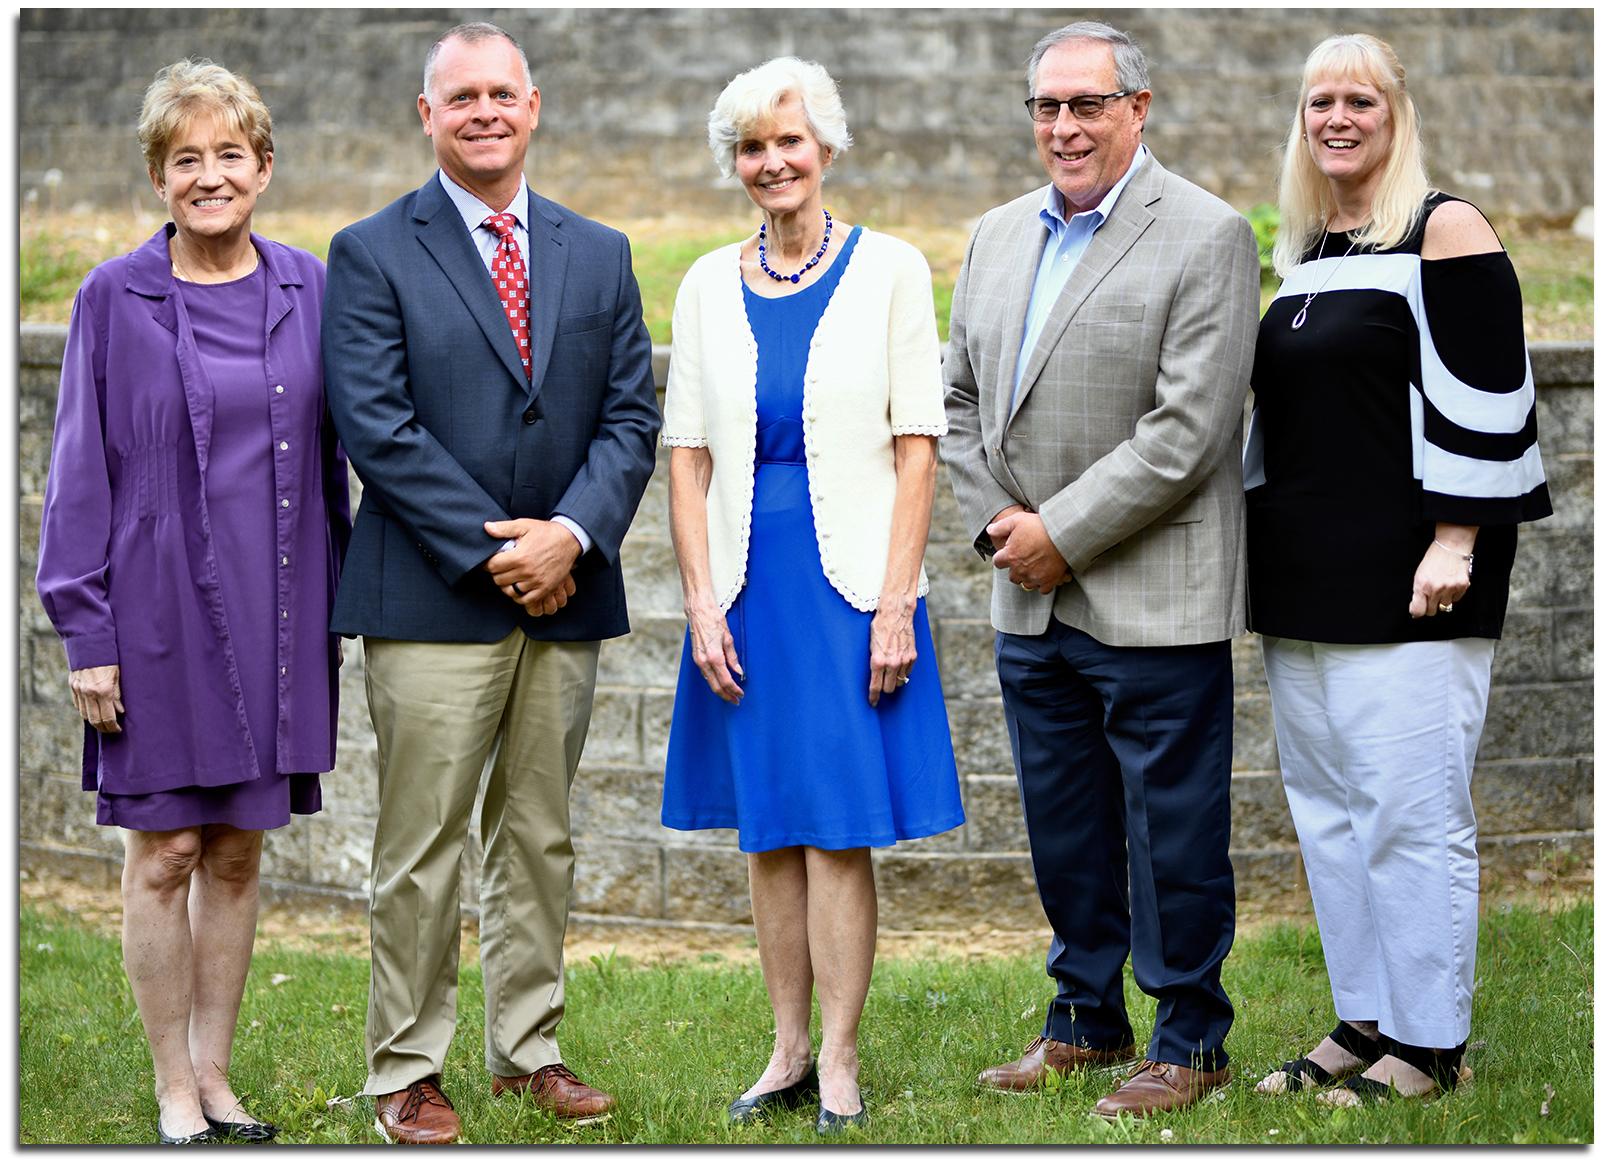 Mount Vernon City Schools Board of Education